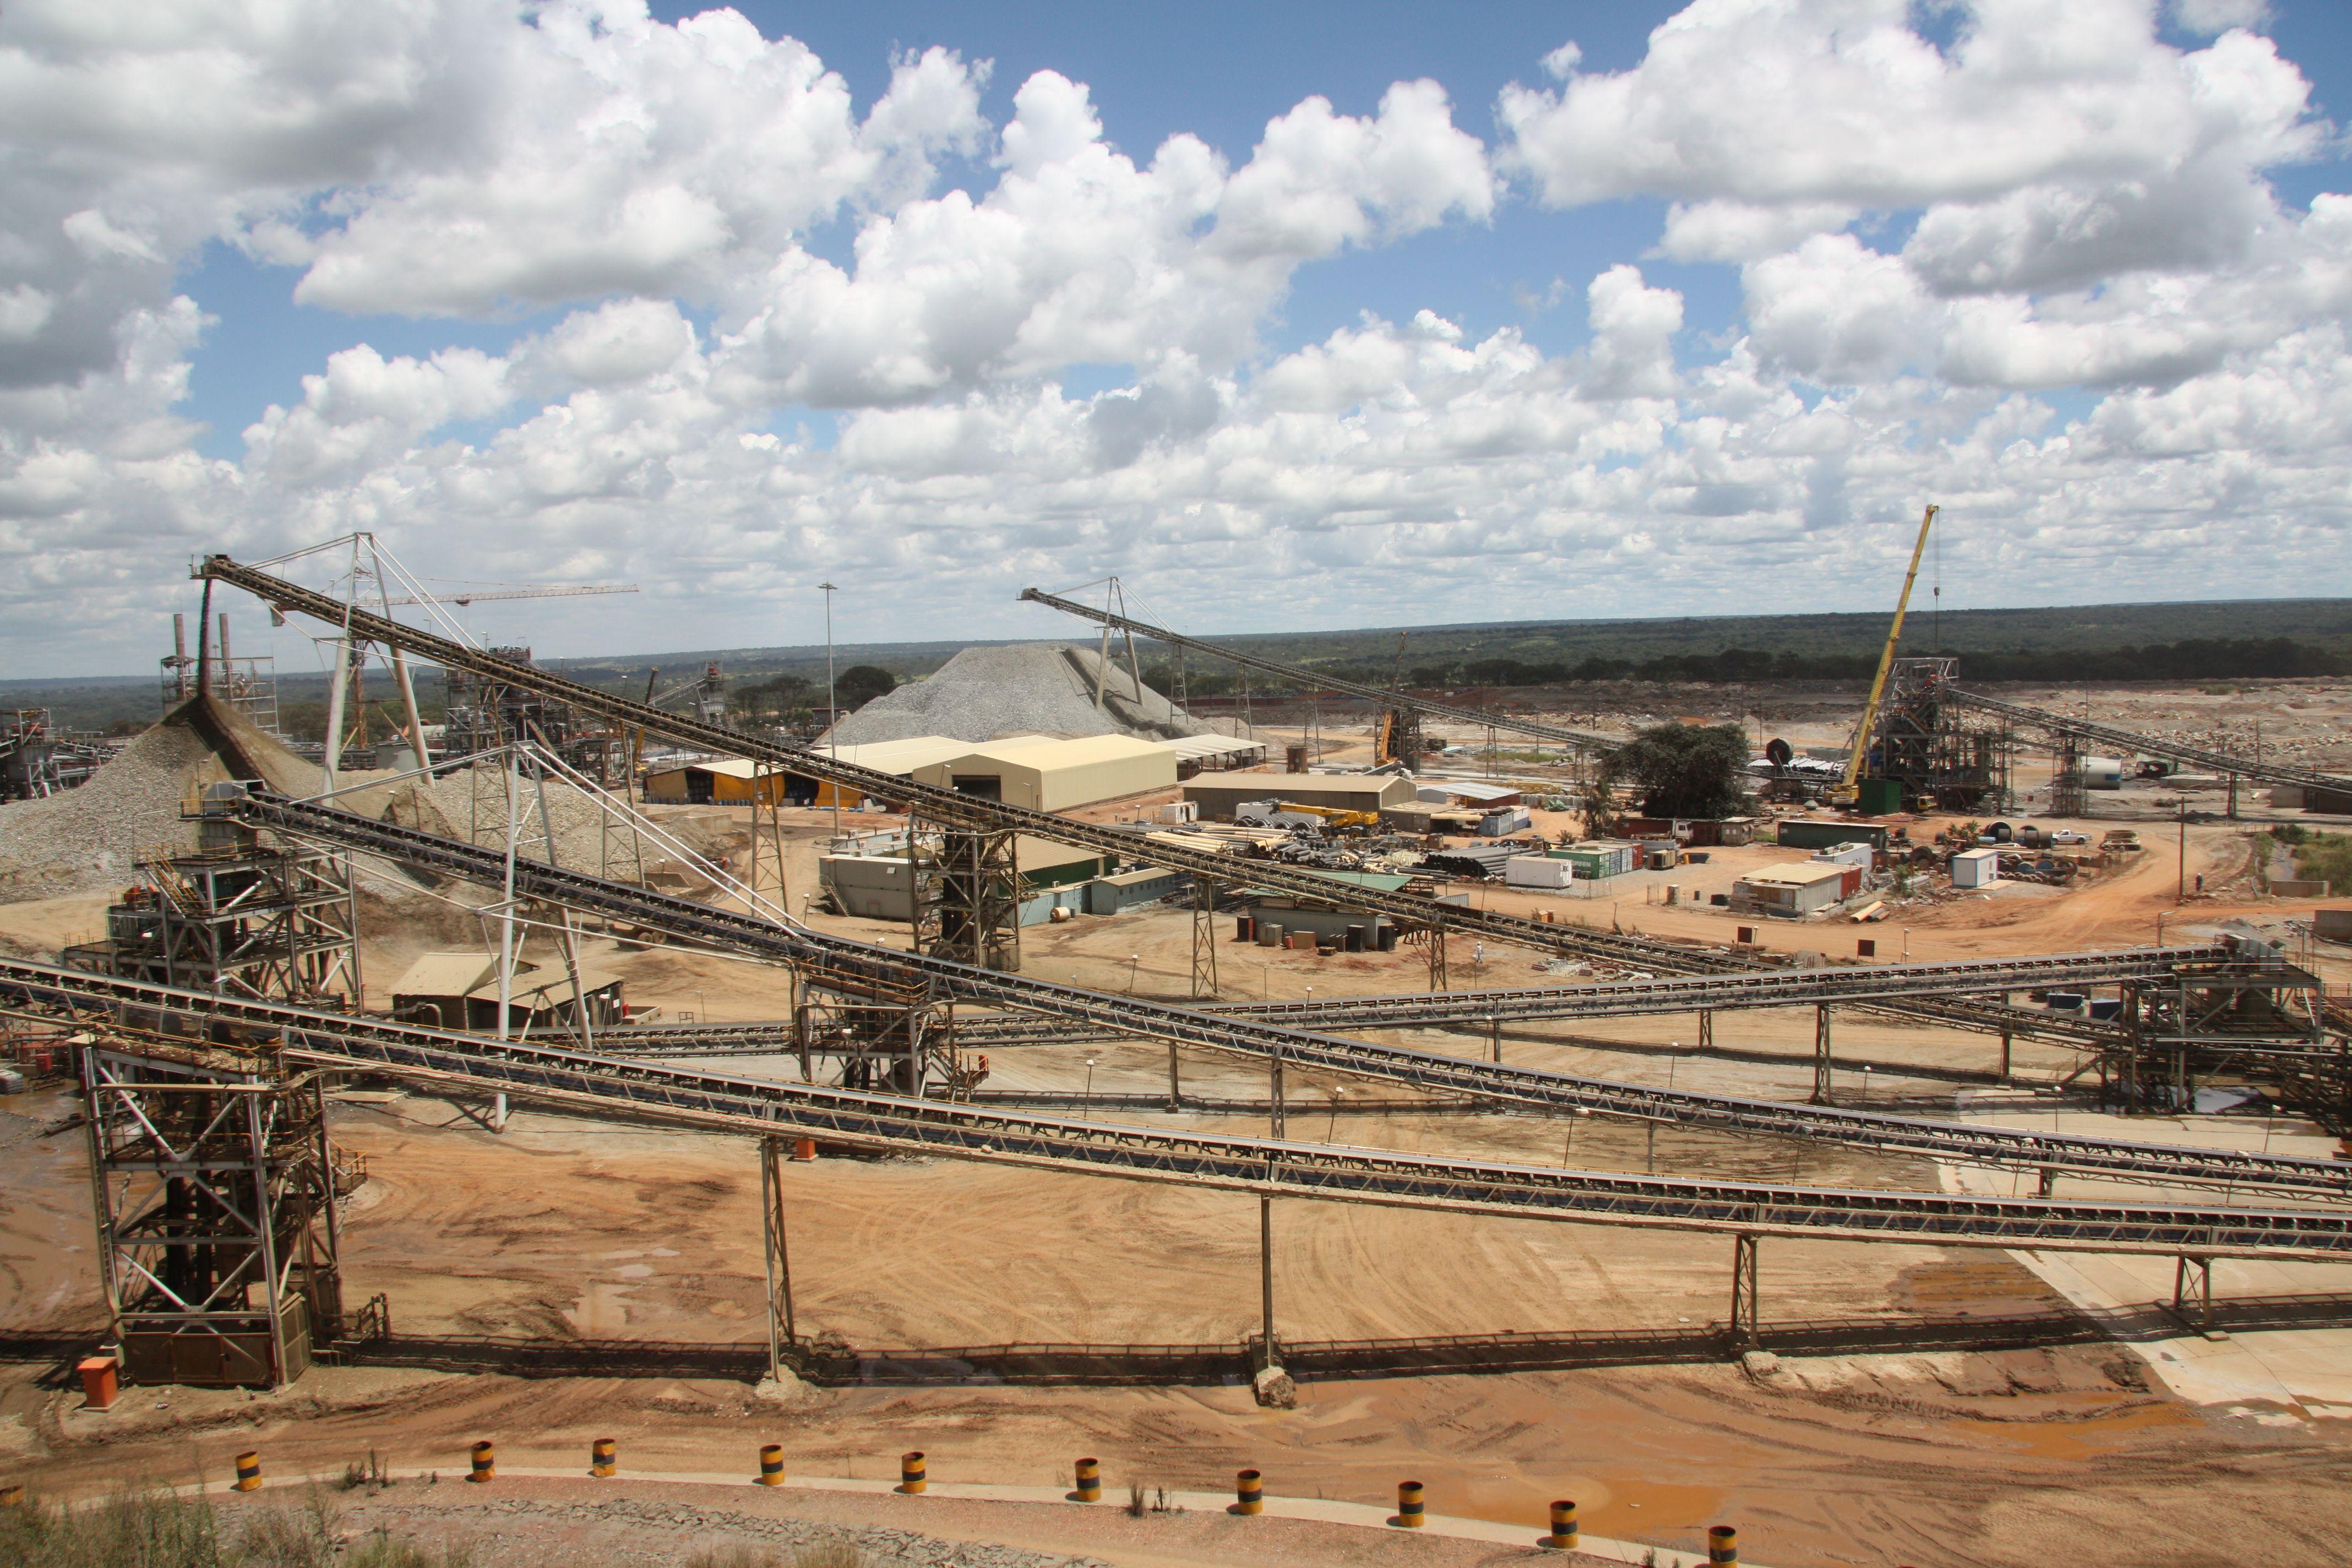 Kansanshi copper mine